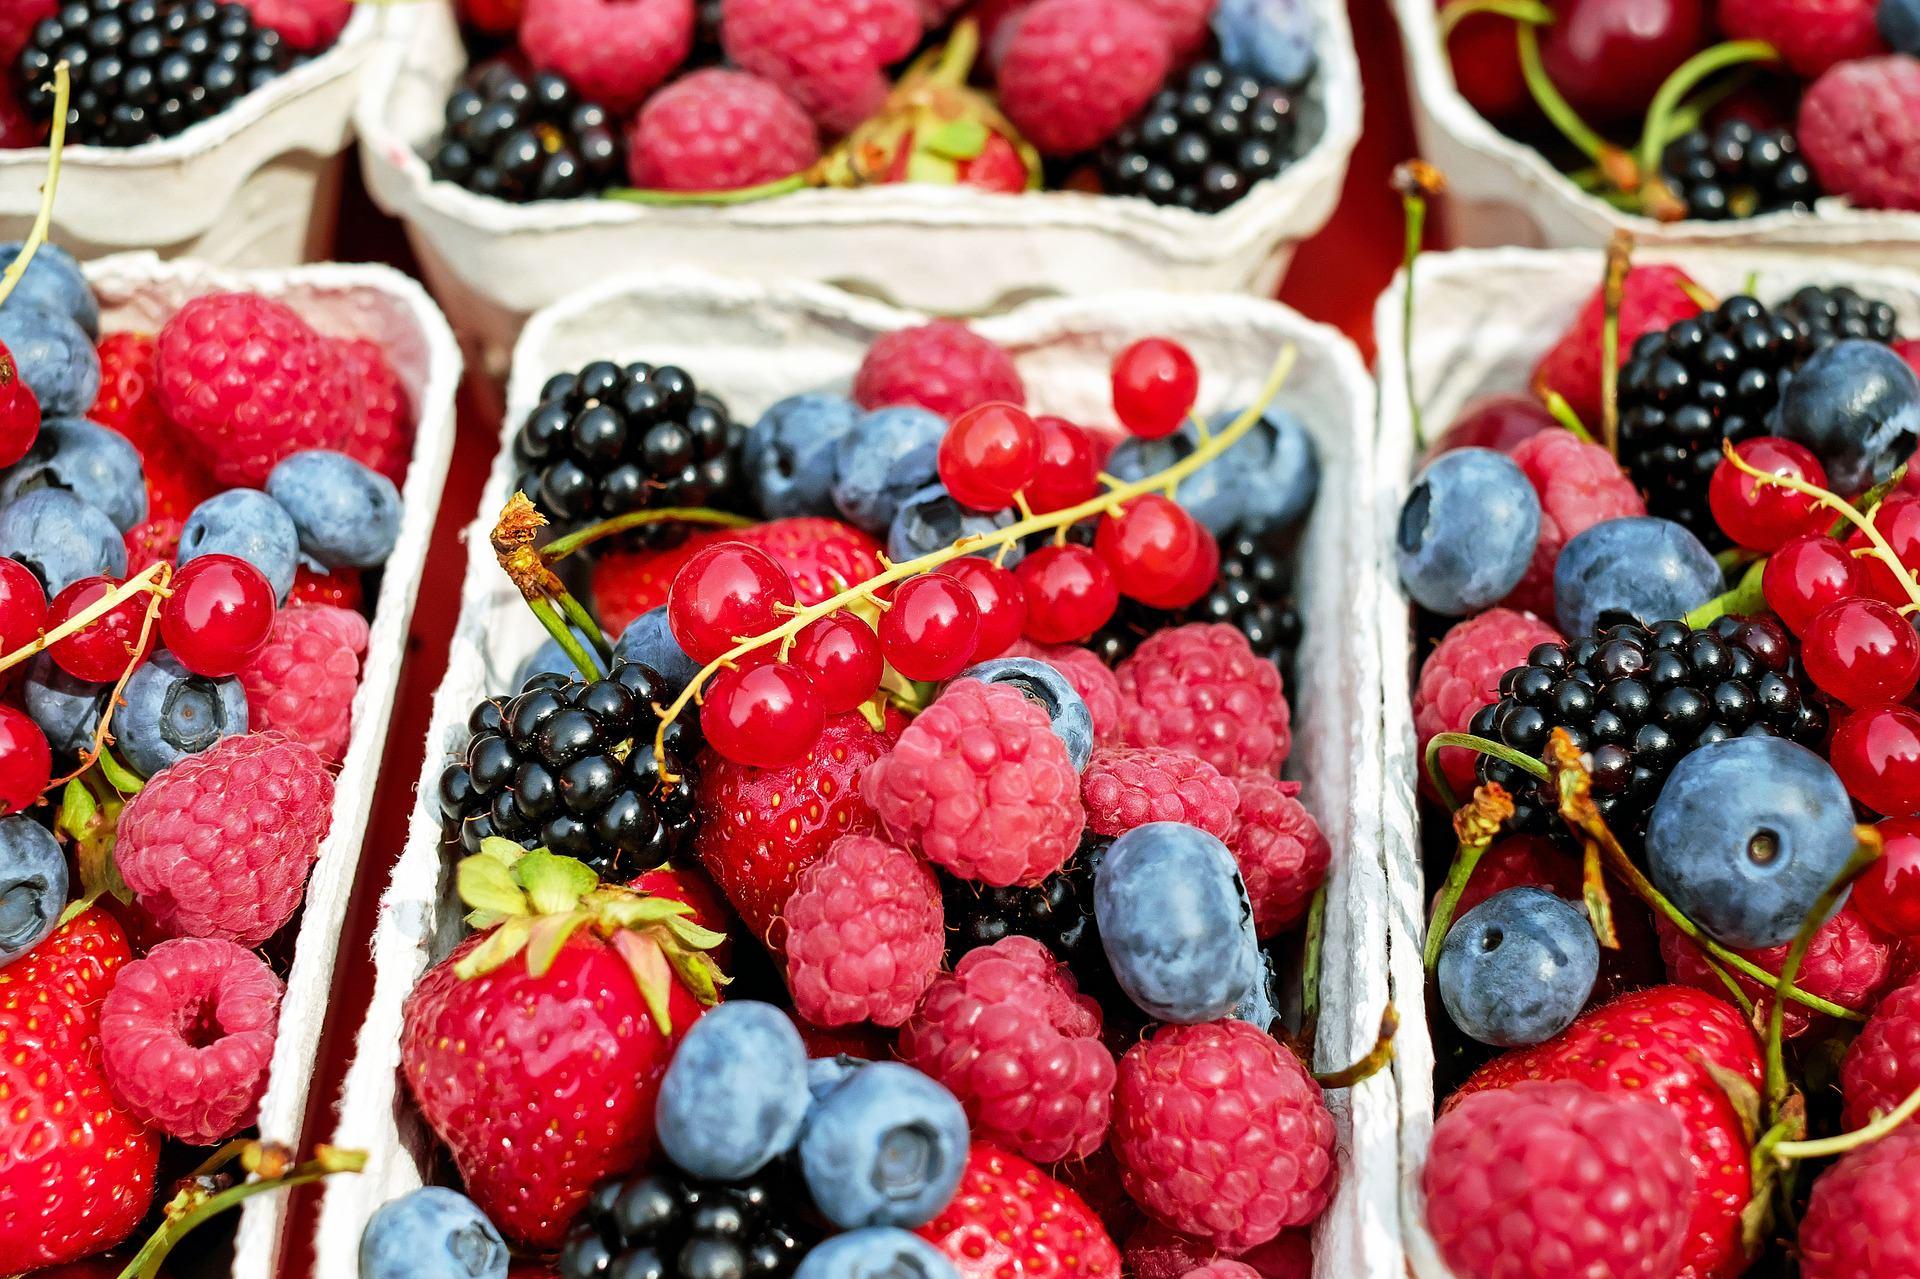 berries-1546125_1920-1.jpg